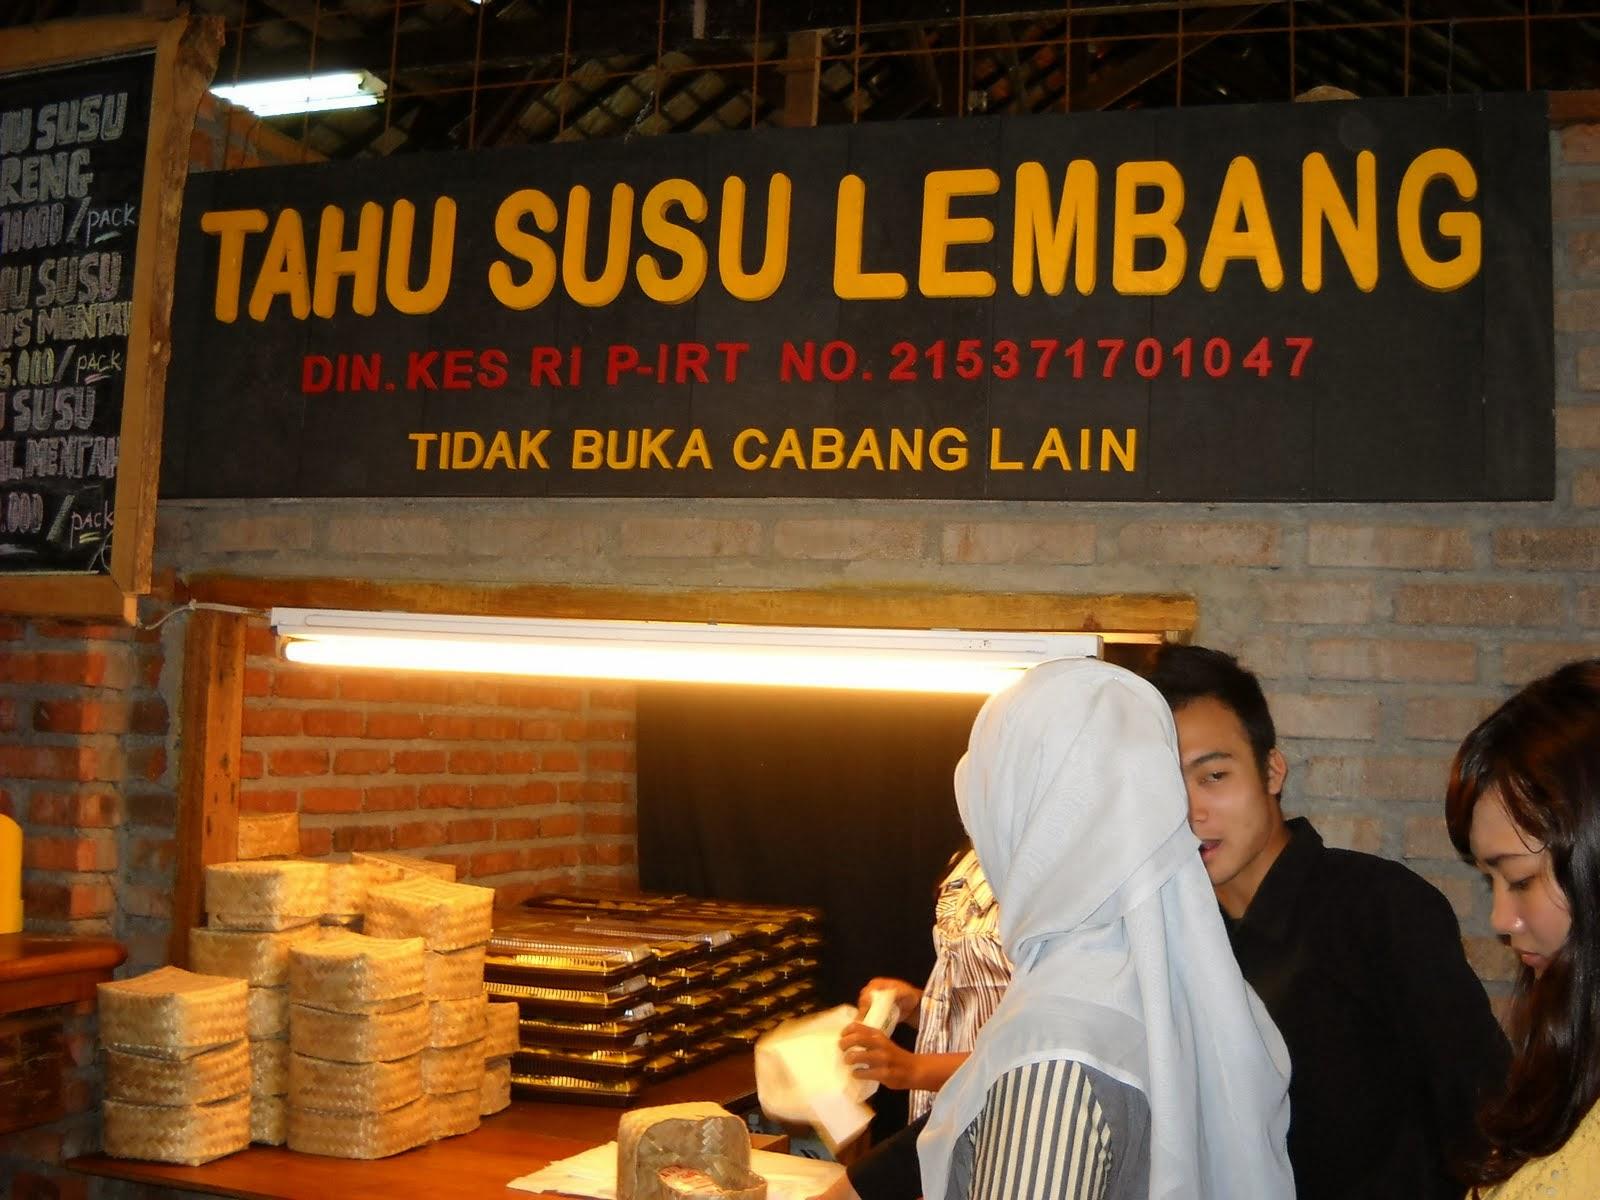 Tempat Wisata Kuliner tahu Susu Lembang Bandung